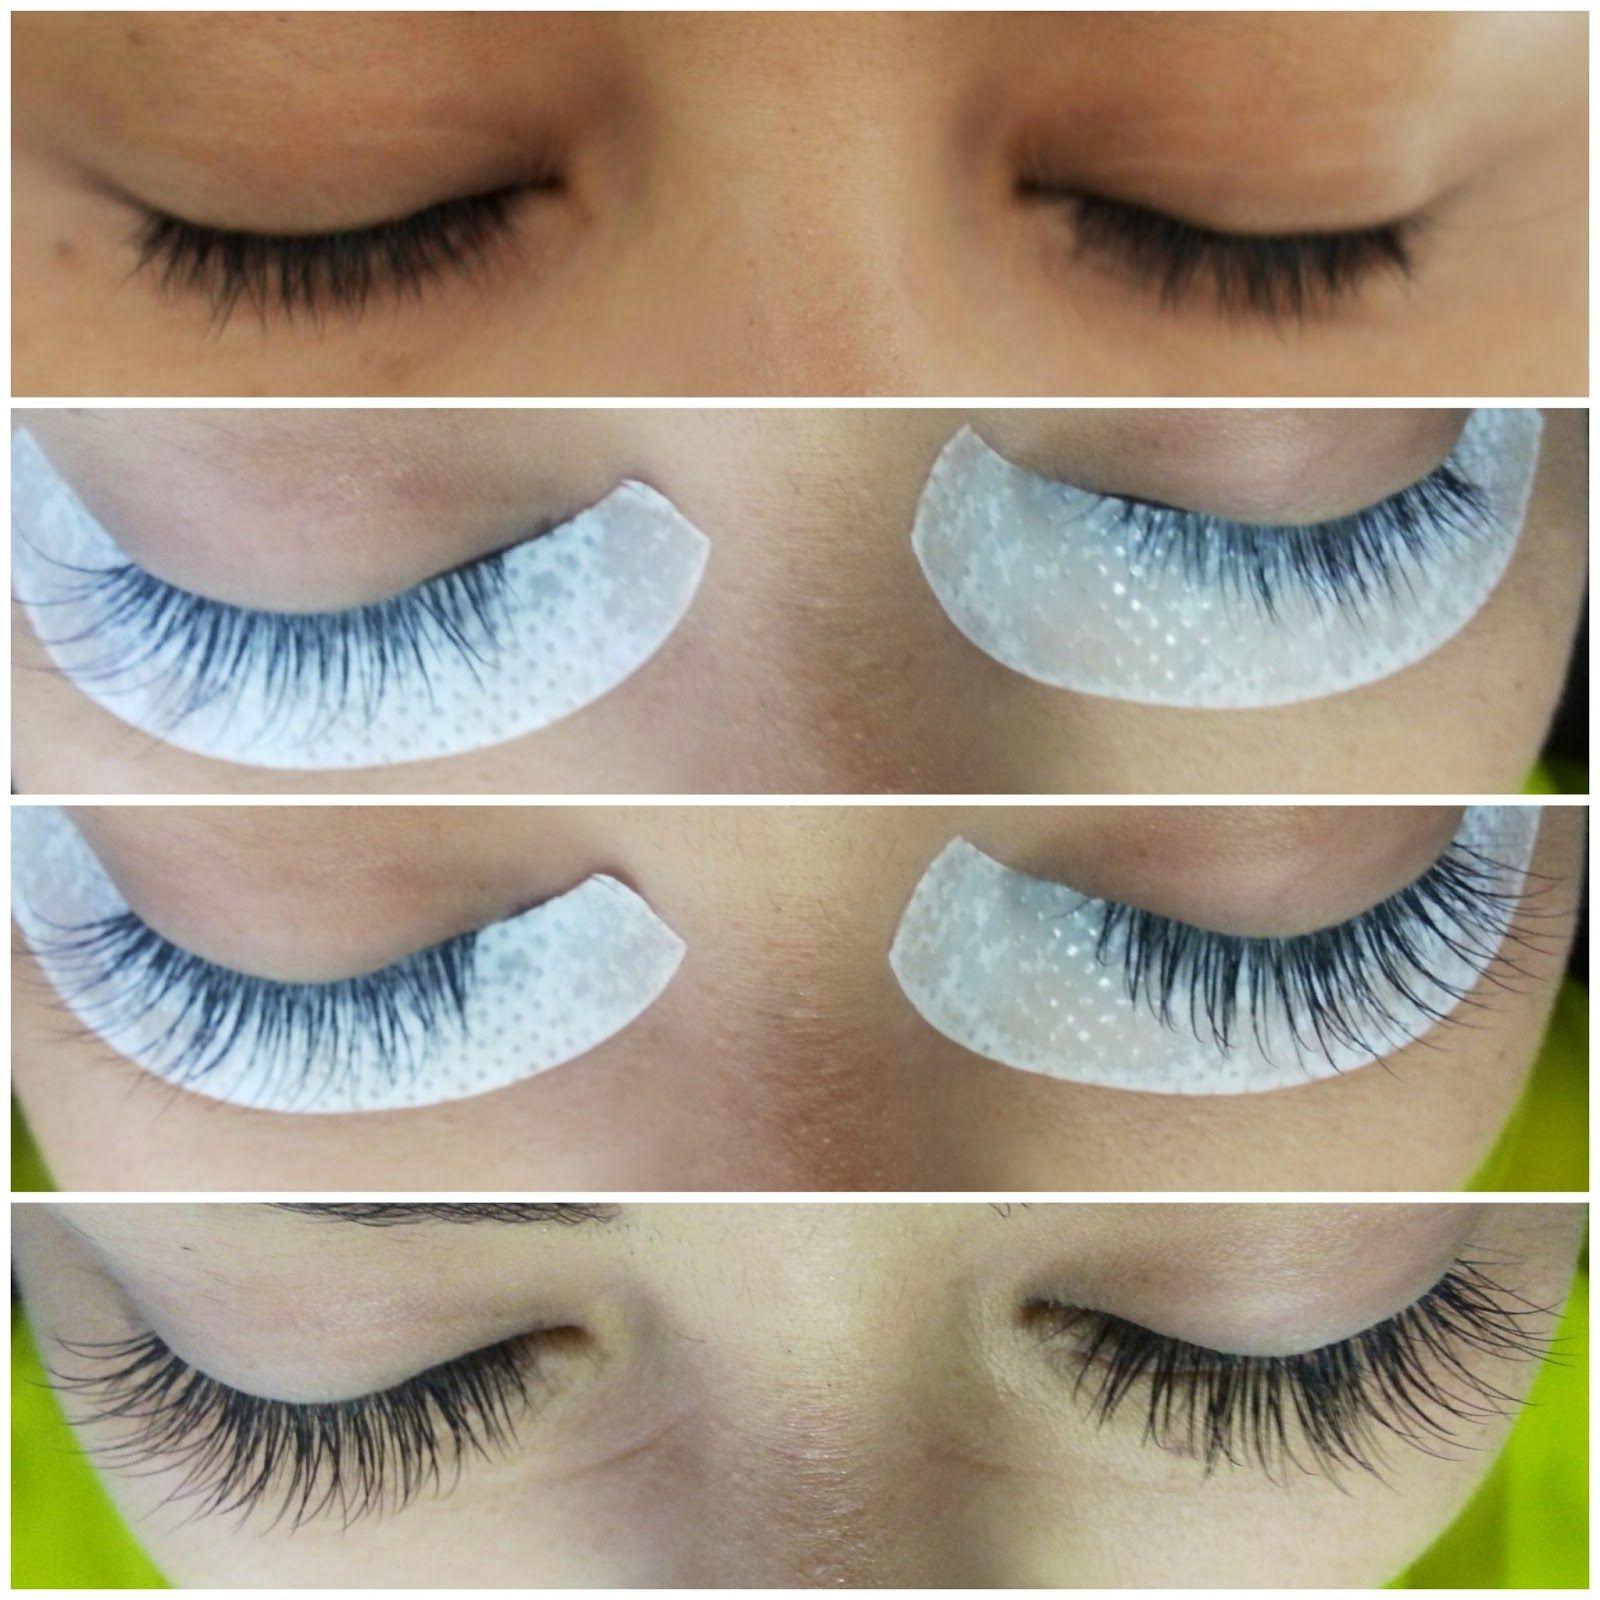 Blink Lash Boutique Eyelash Extensions Beauty Bridal Makeup